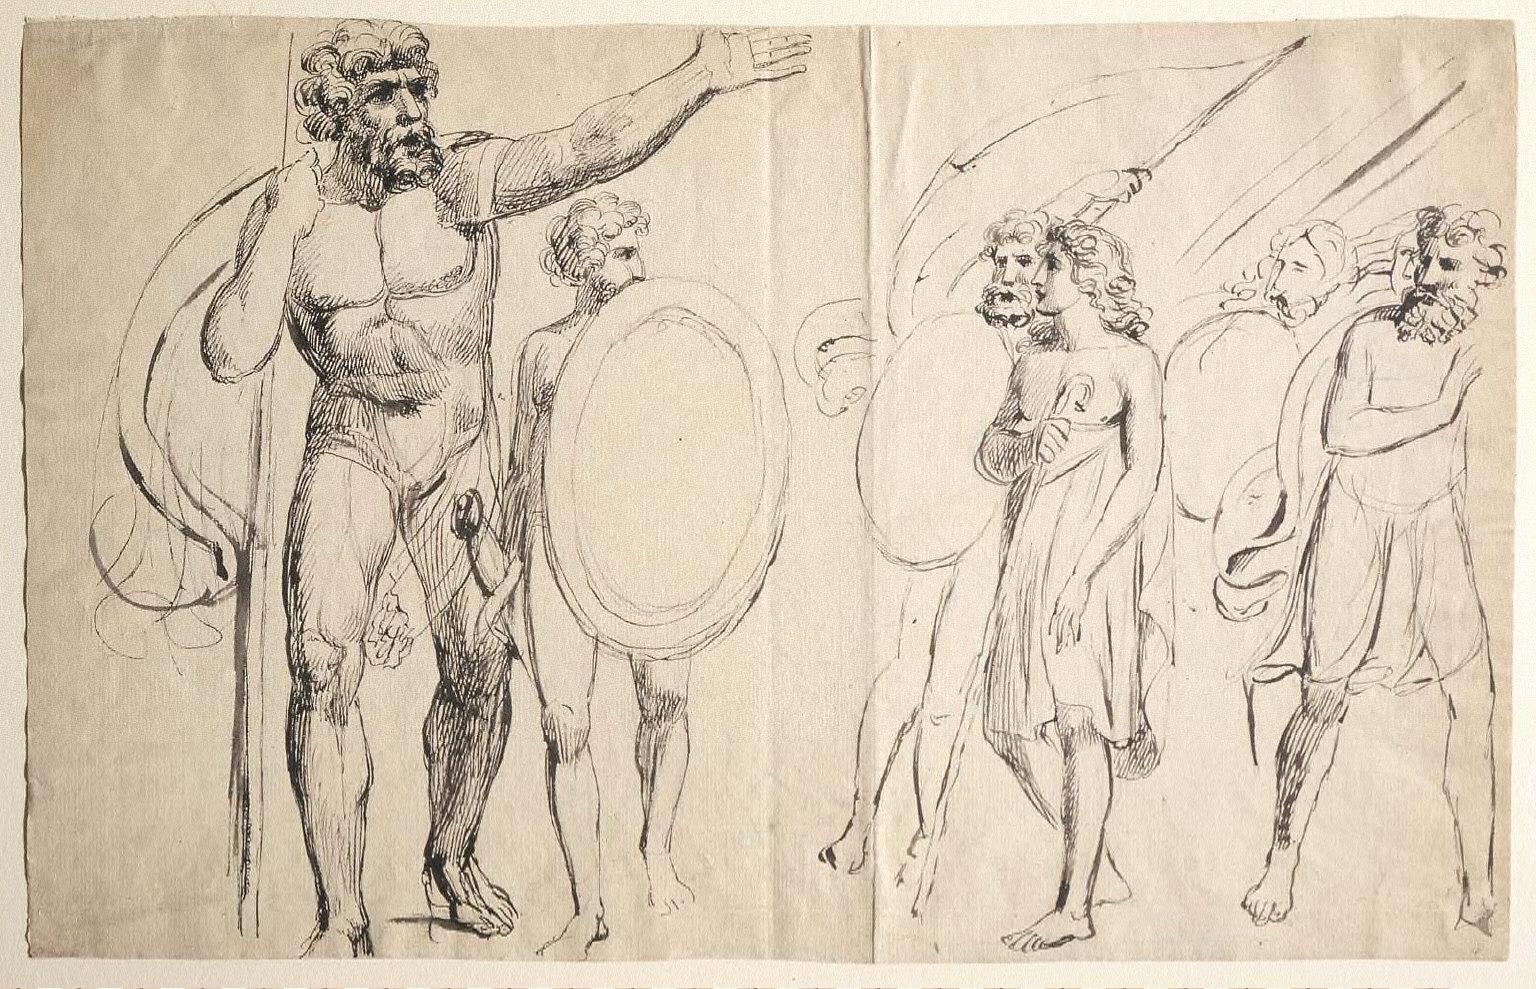 Goliath Cursing David (recto) A Pulcinello Frightening a Child (?) (verso)